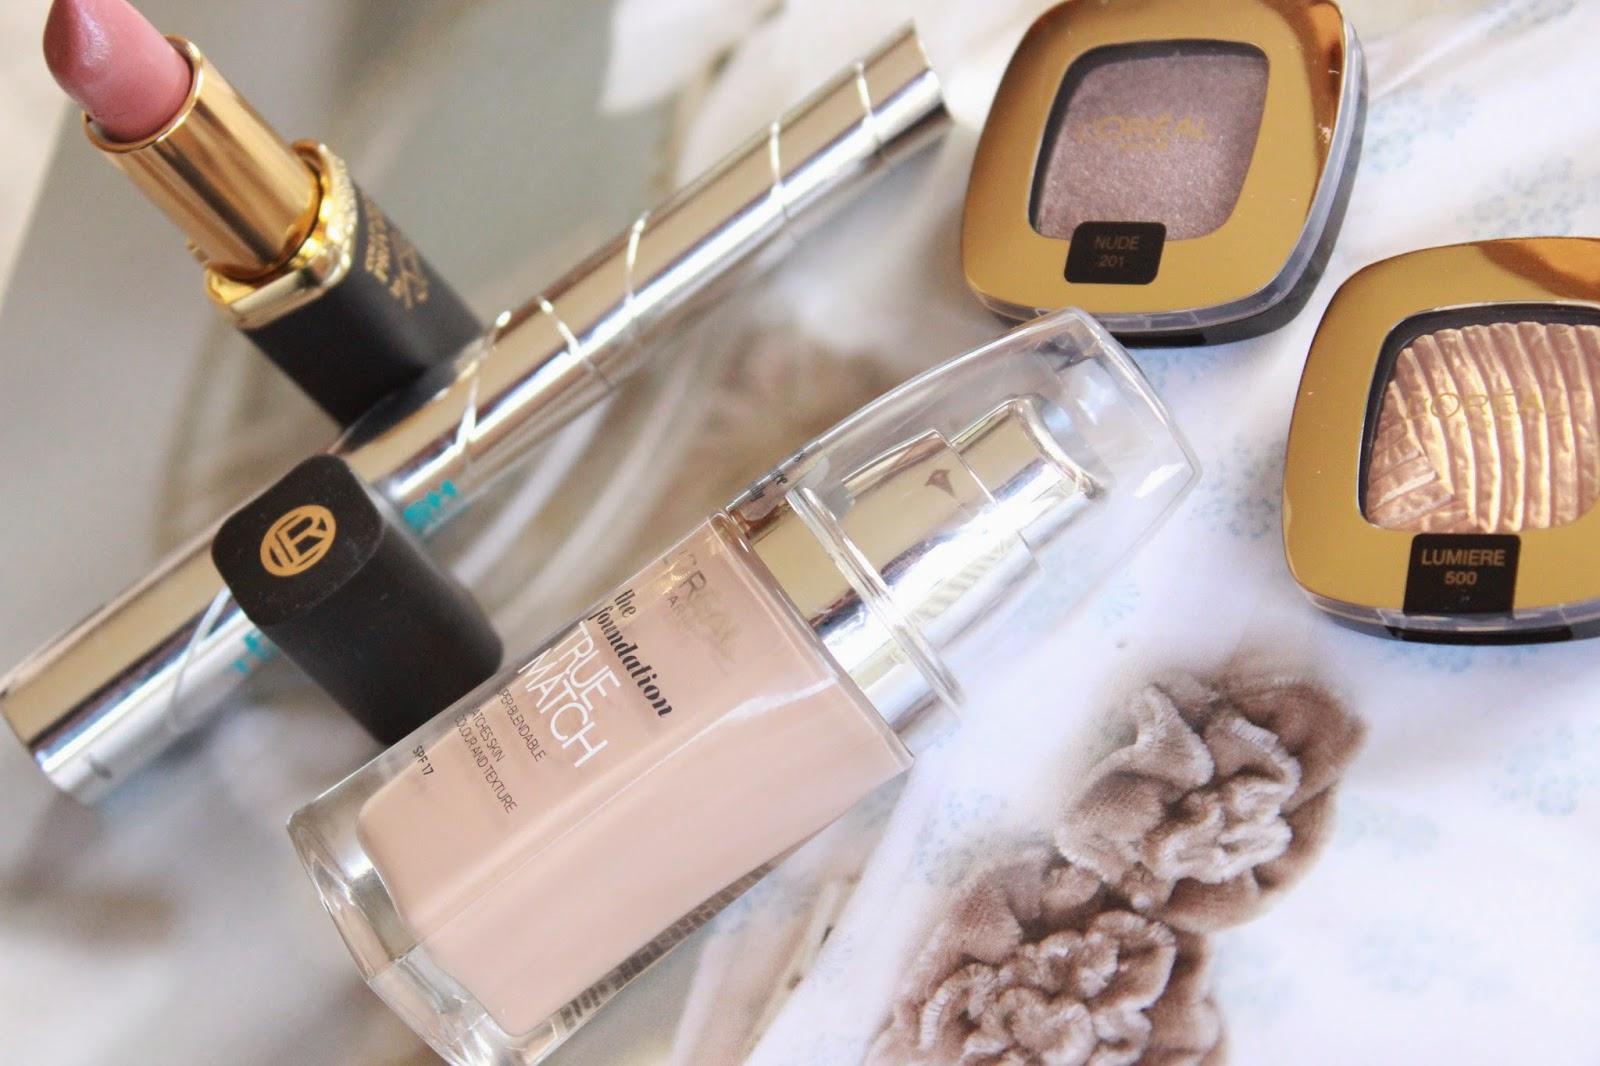 l'oréal haul, shoplog nieuwe producten l'oréal